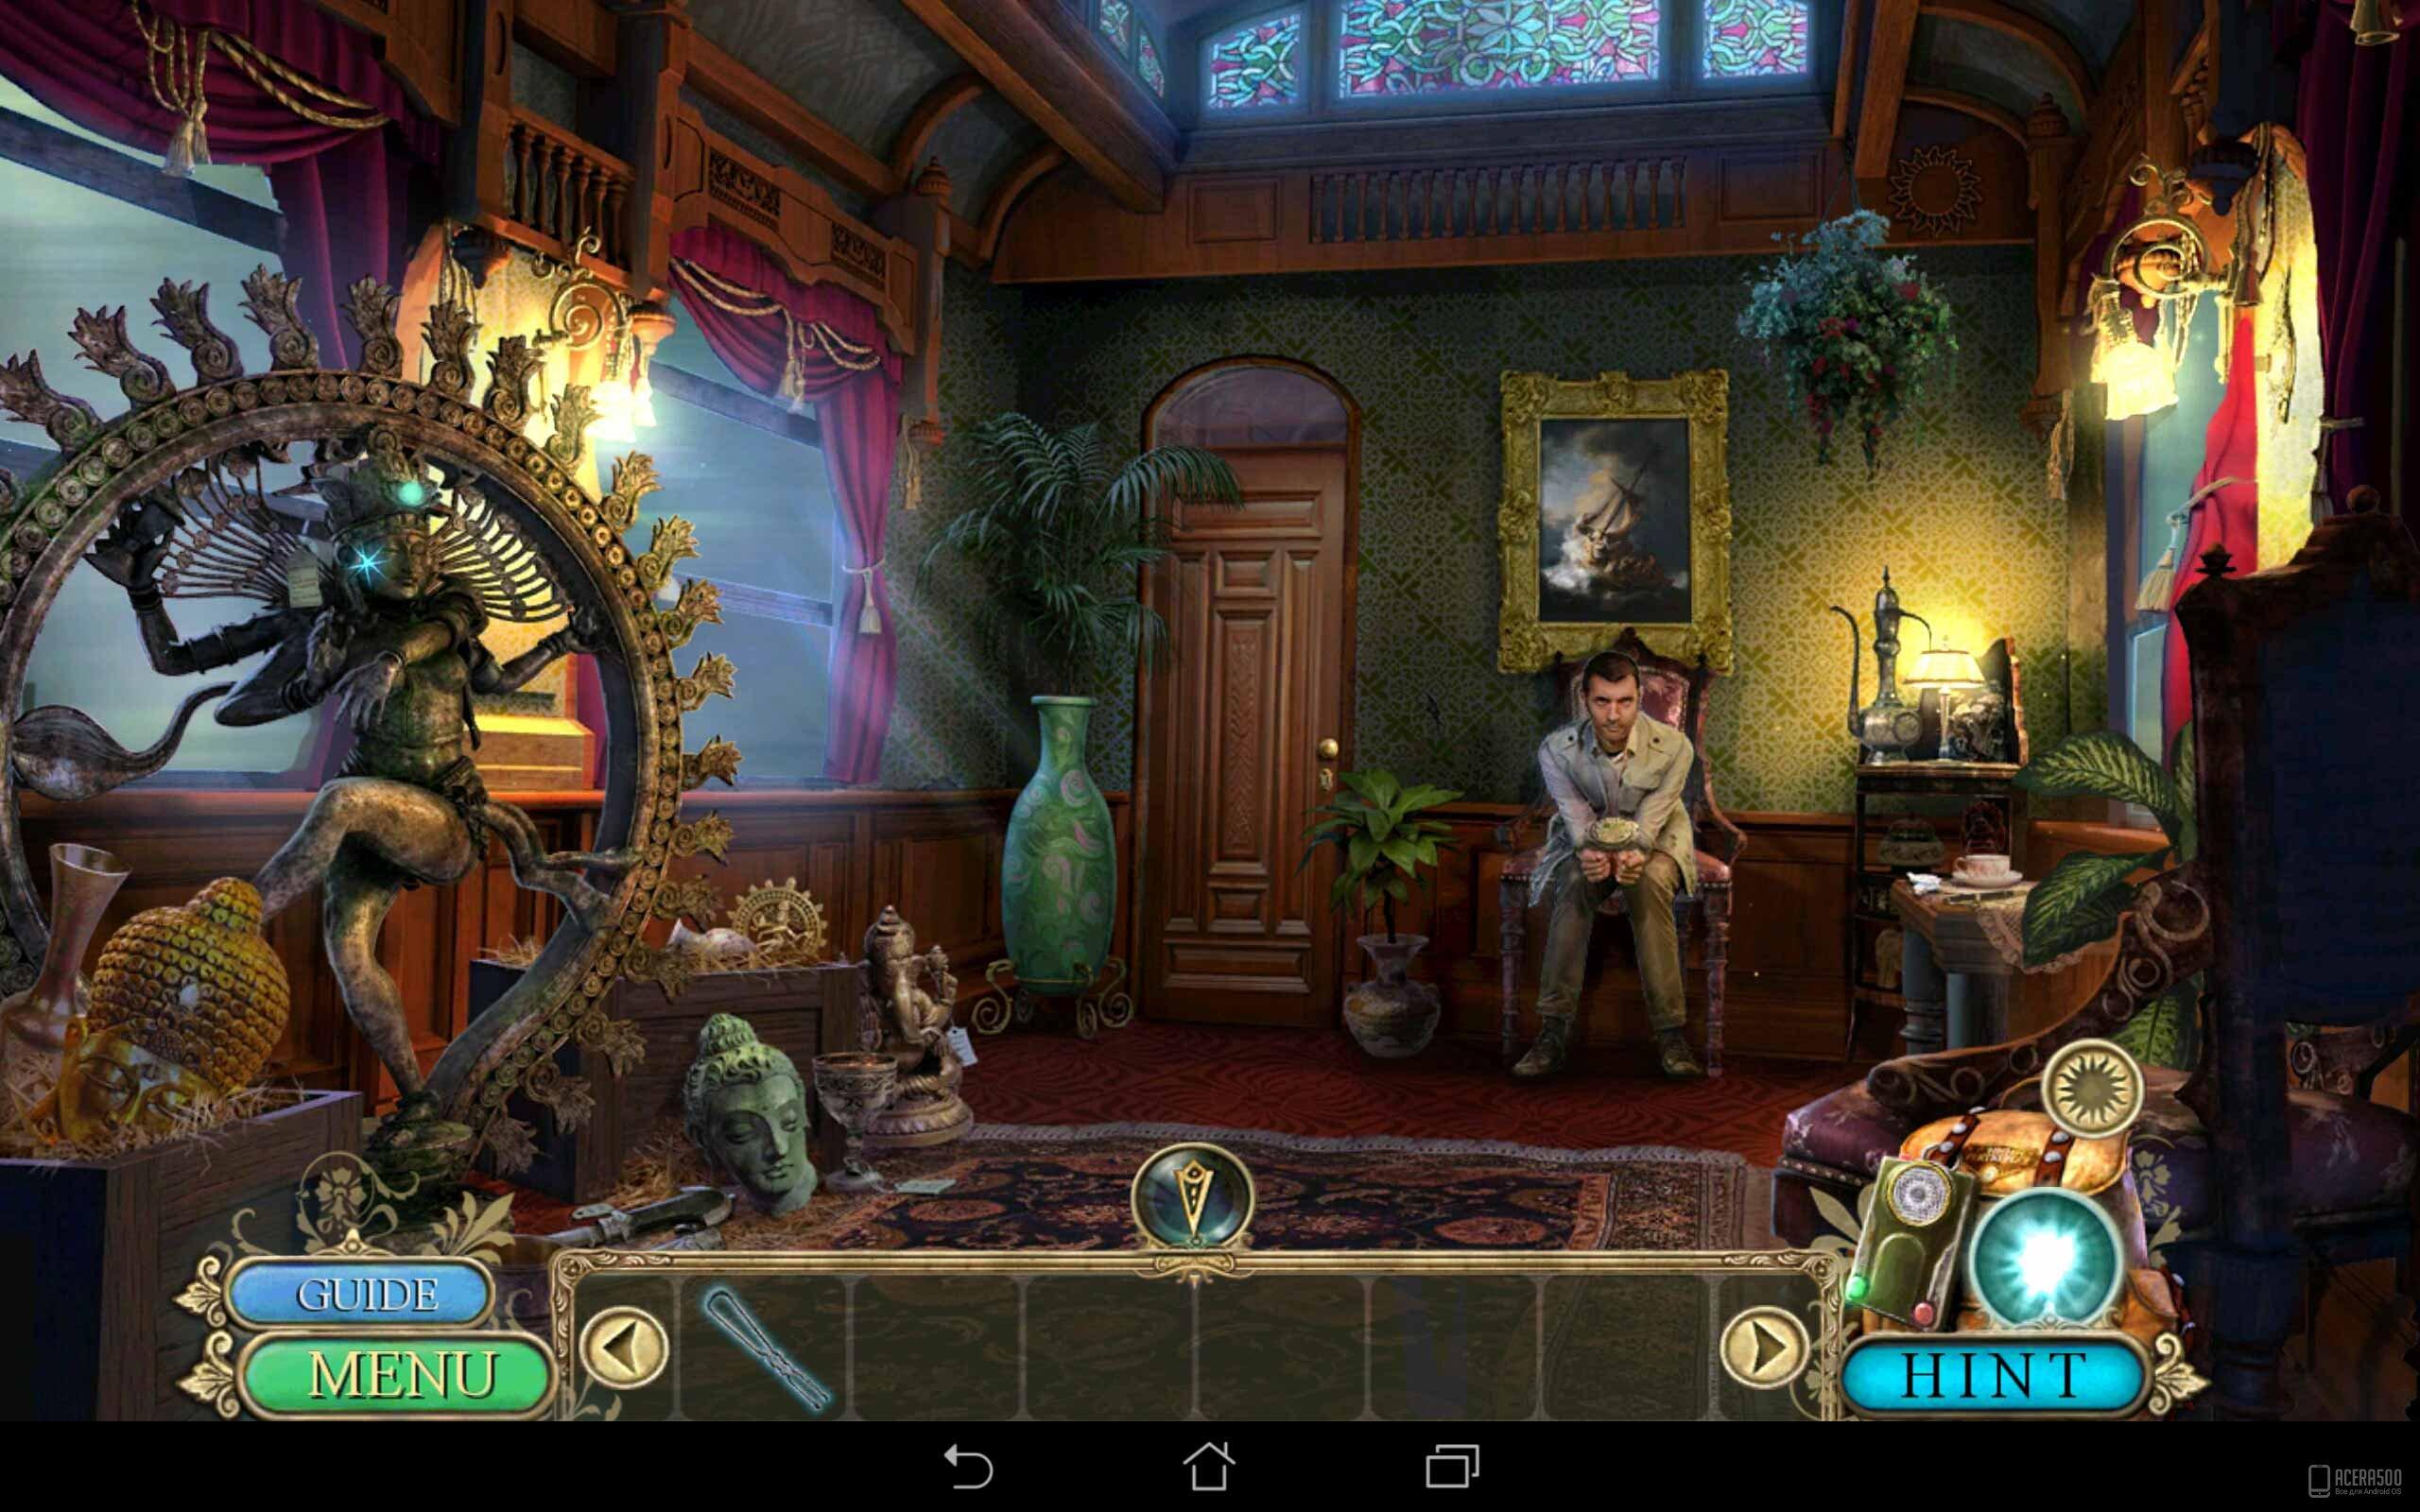 Скачать игры по поиску предметов на андроид планшеты и телефоны бесплатно